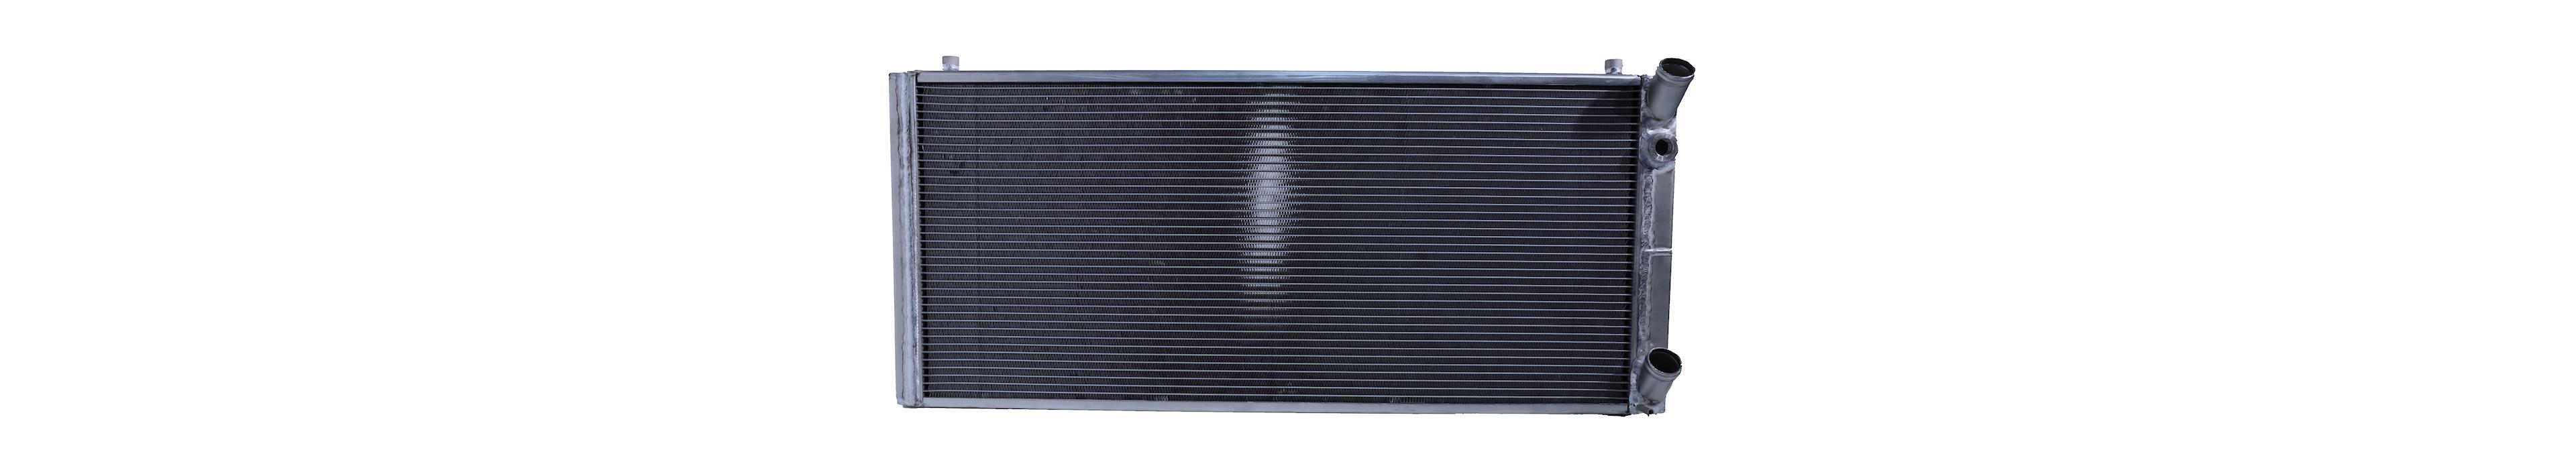 Radiateur op maat gemaakt in aluminium